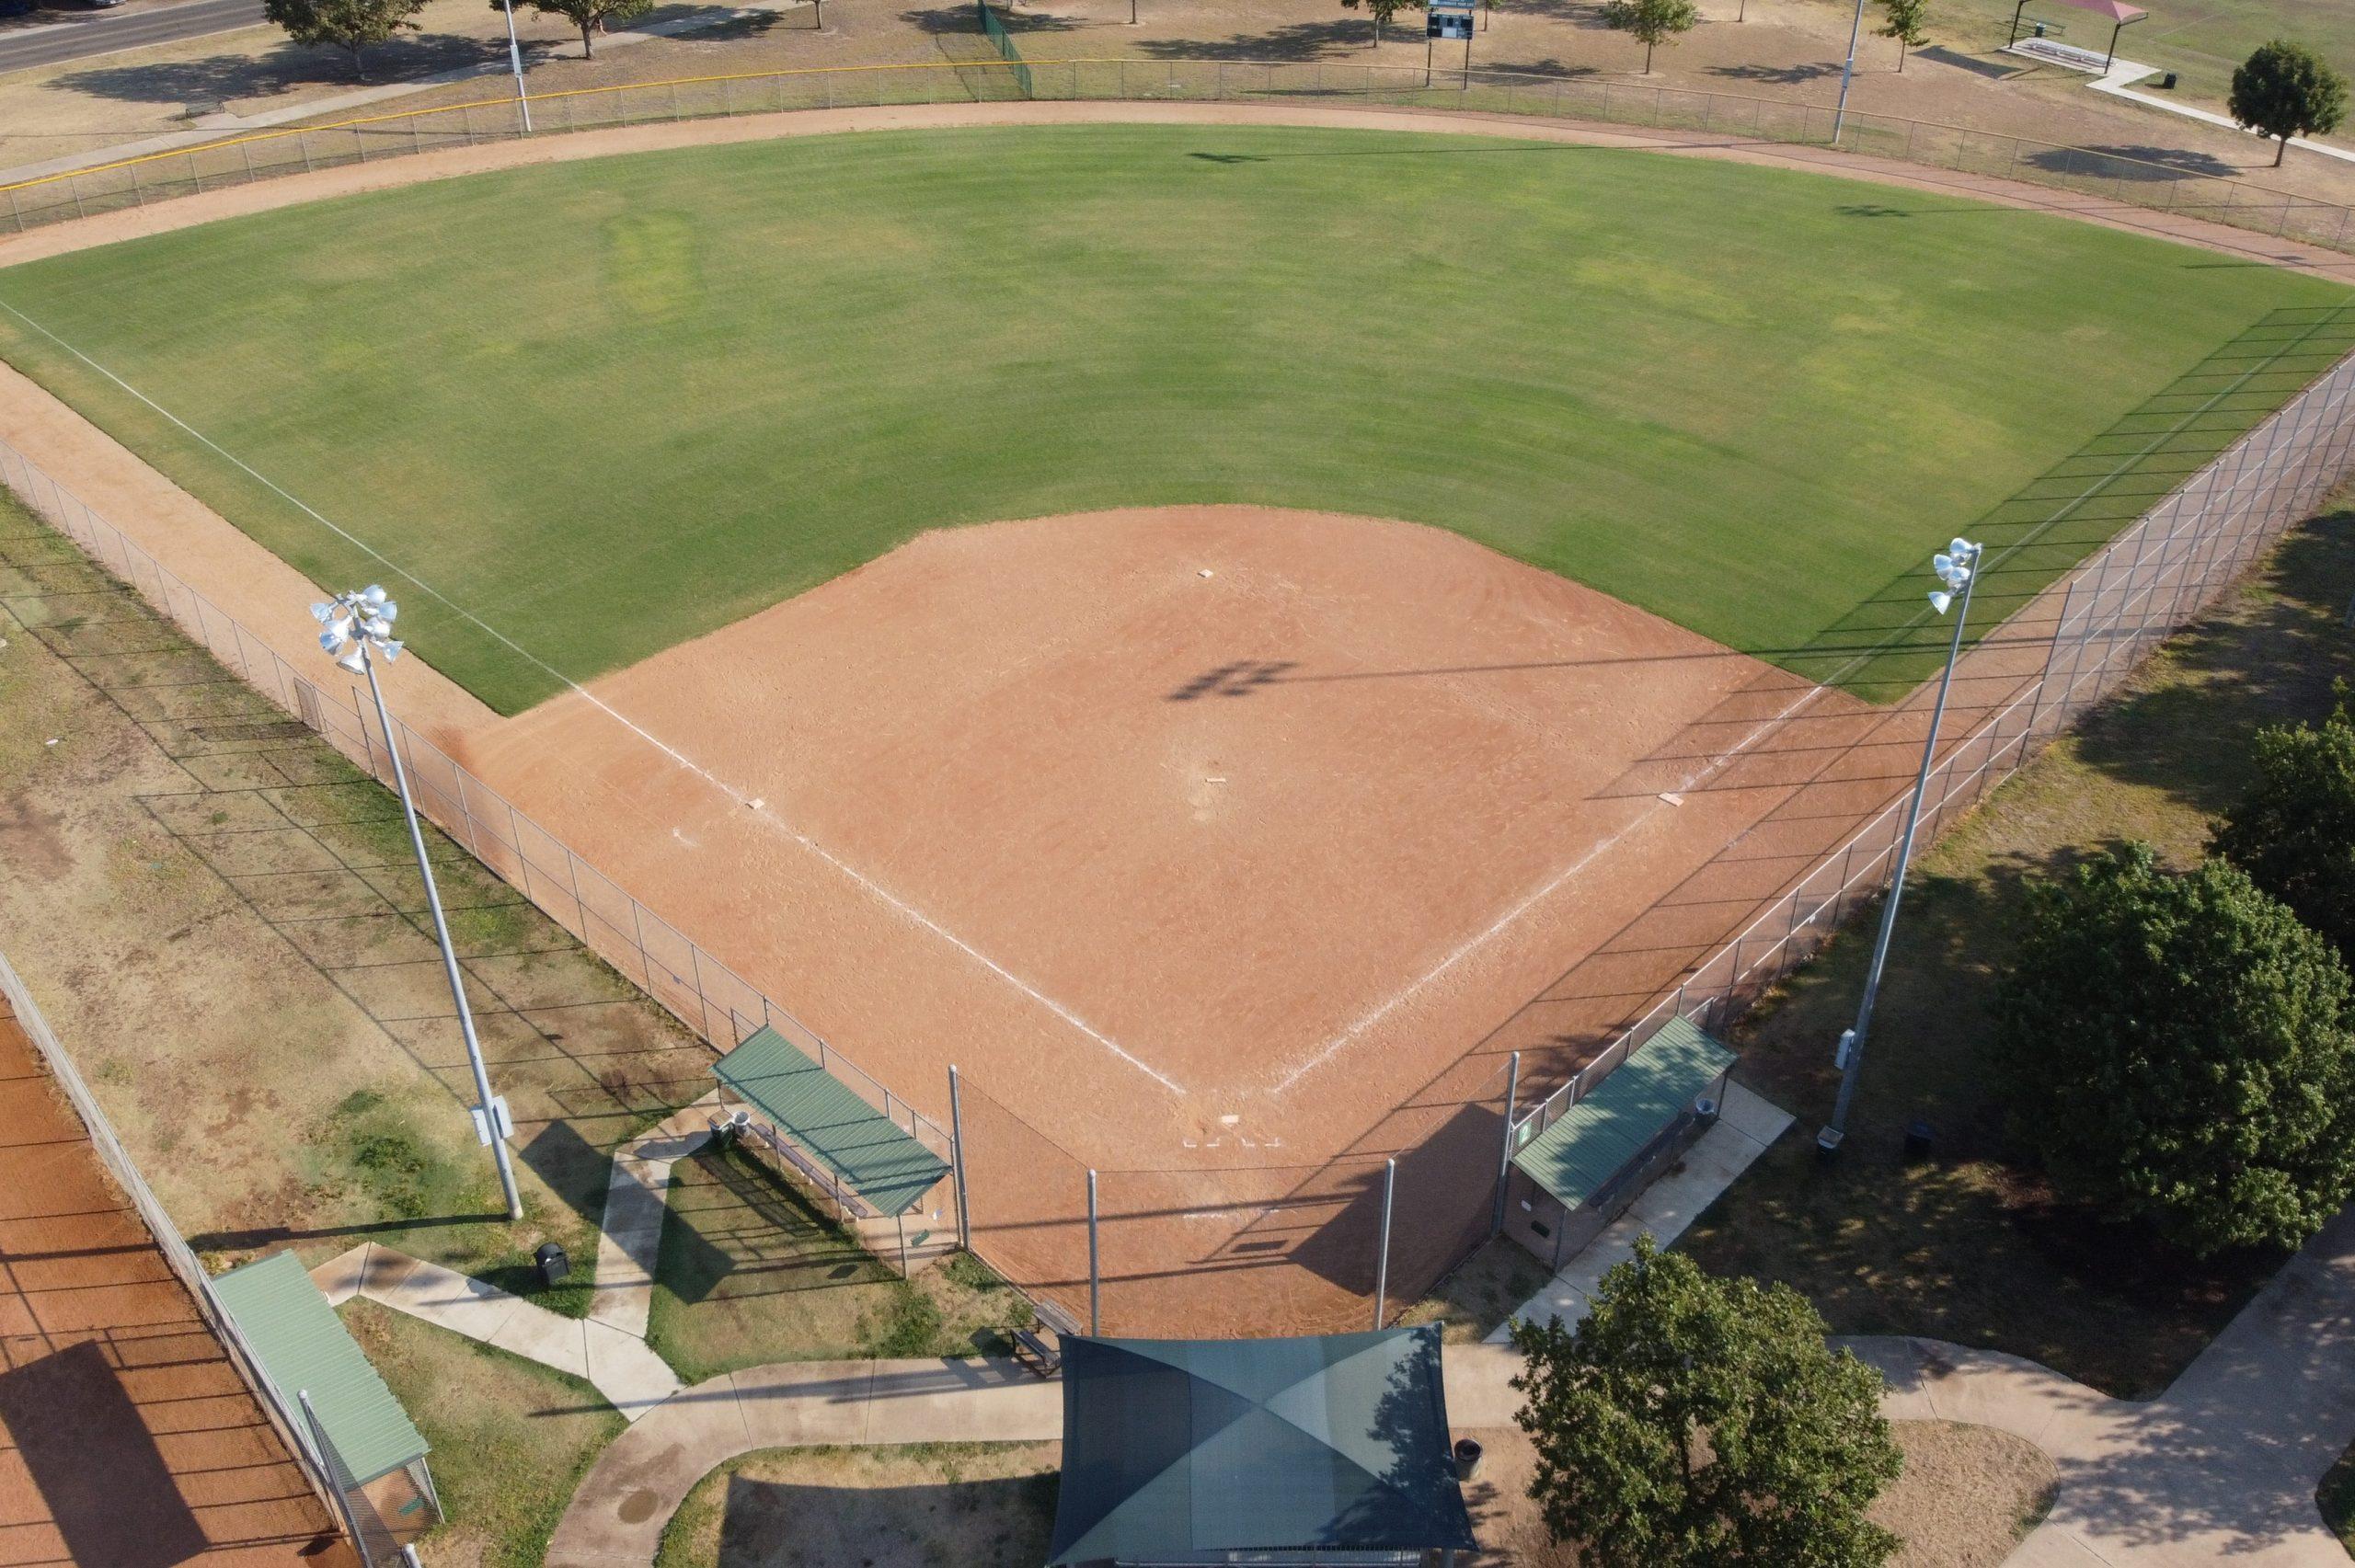 McMaster Softball Field #2